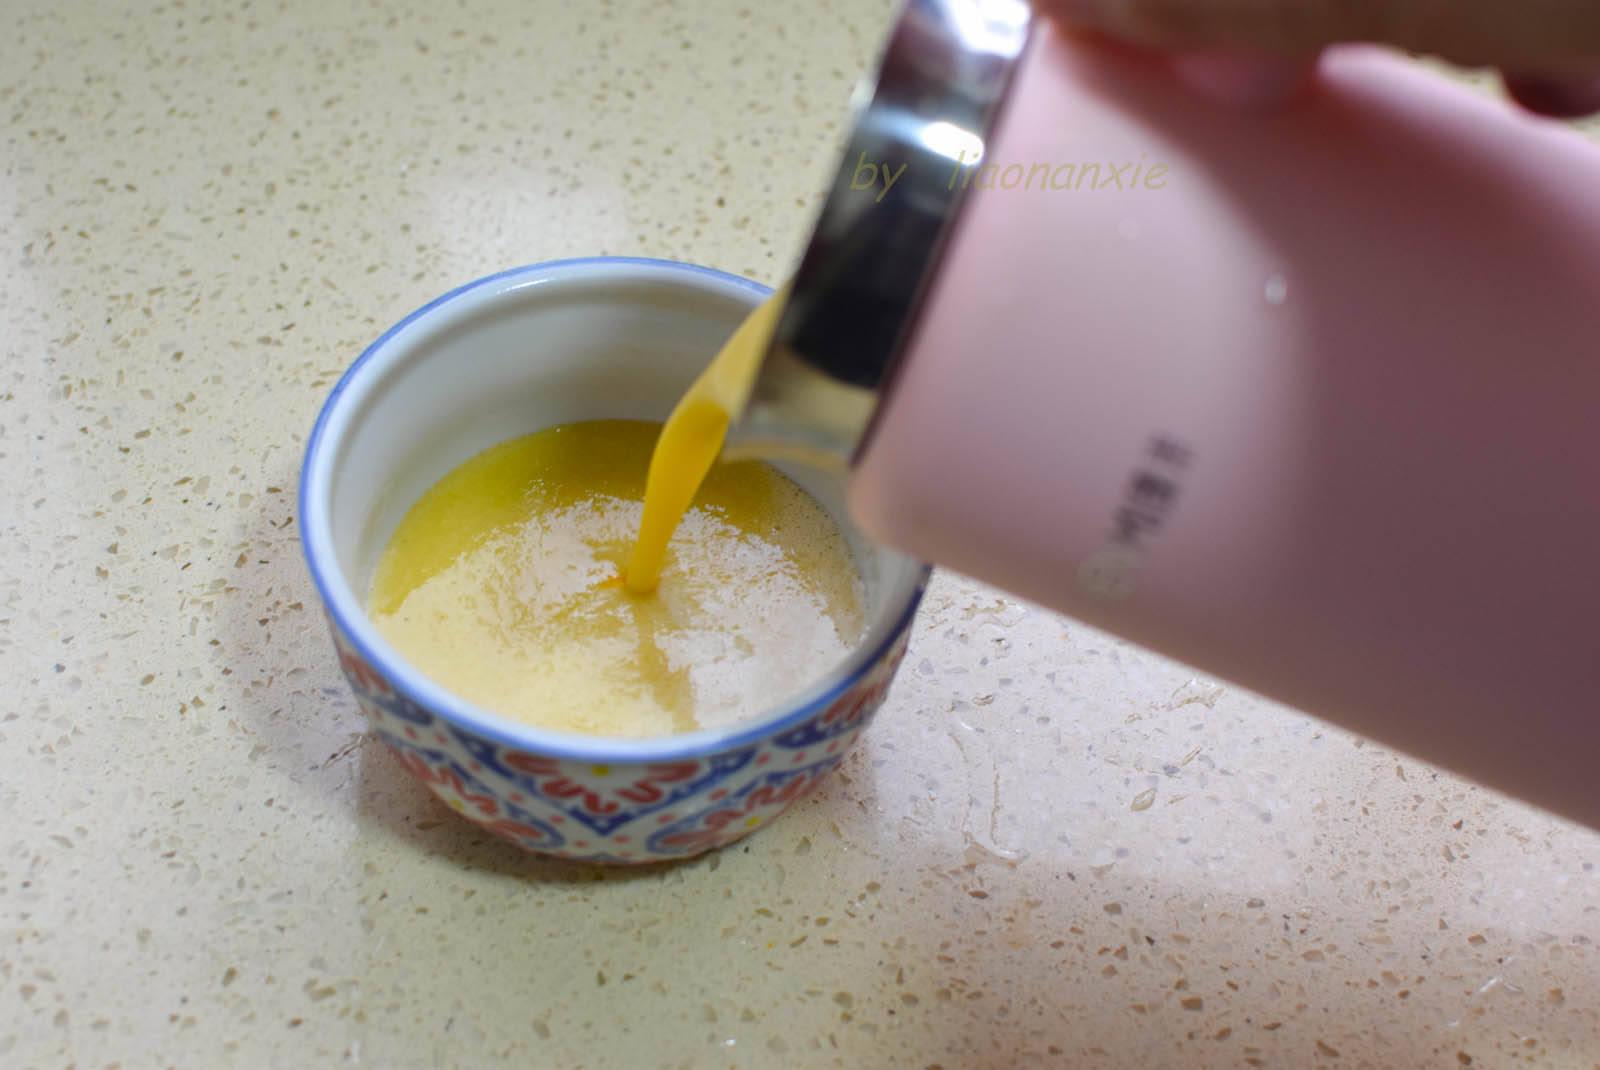 早餐不想喝牛奶,用这三种材料打汤,口感顺滑香甜好喝 增肌食谱 第8张